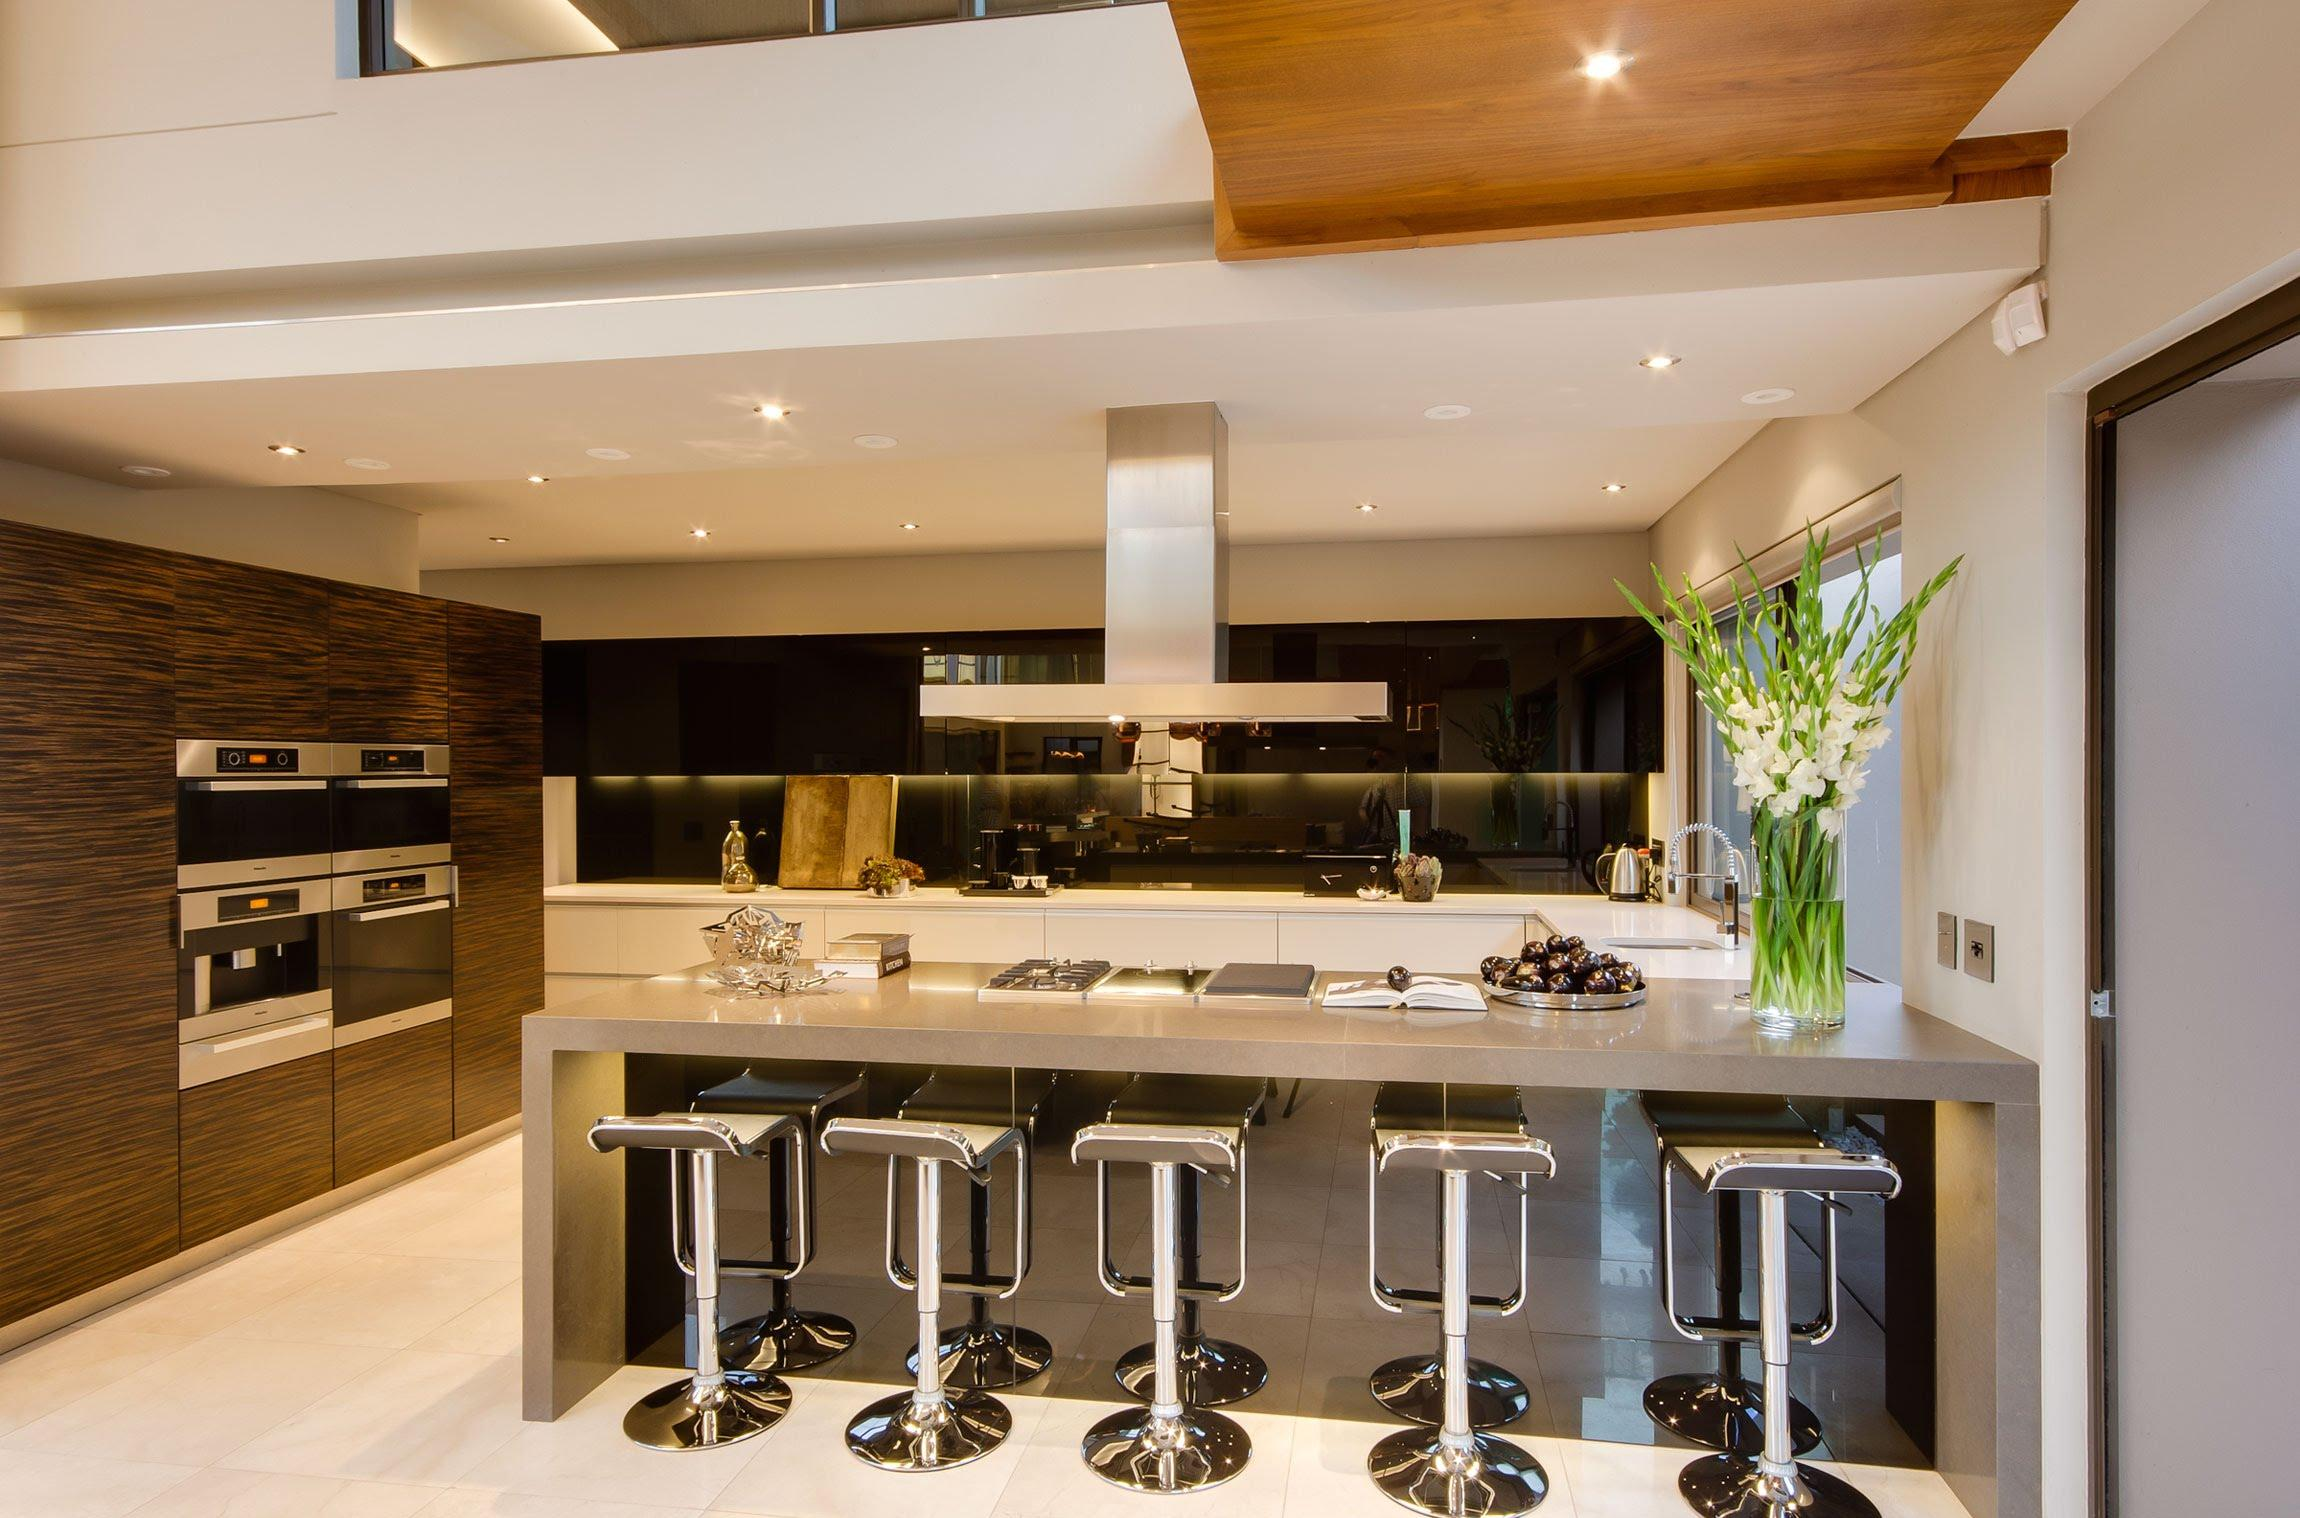 Дизайн кухни с барной стойкой серой